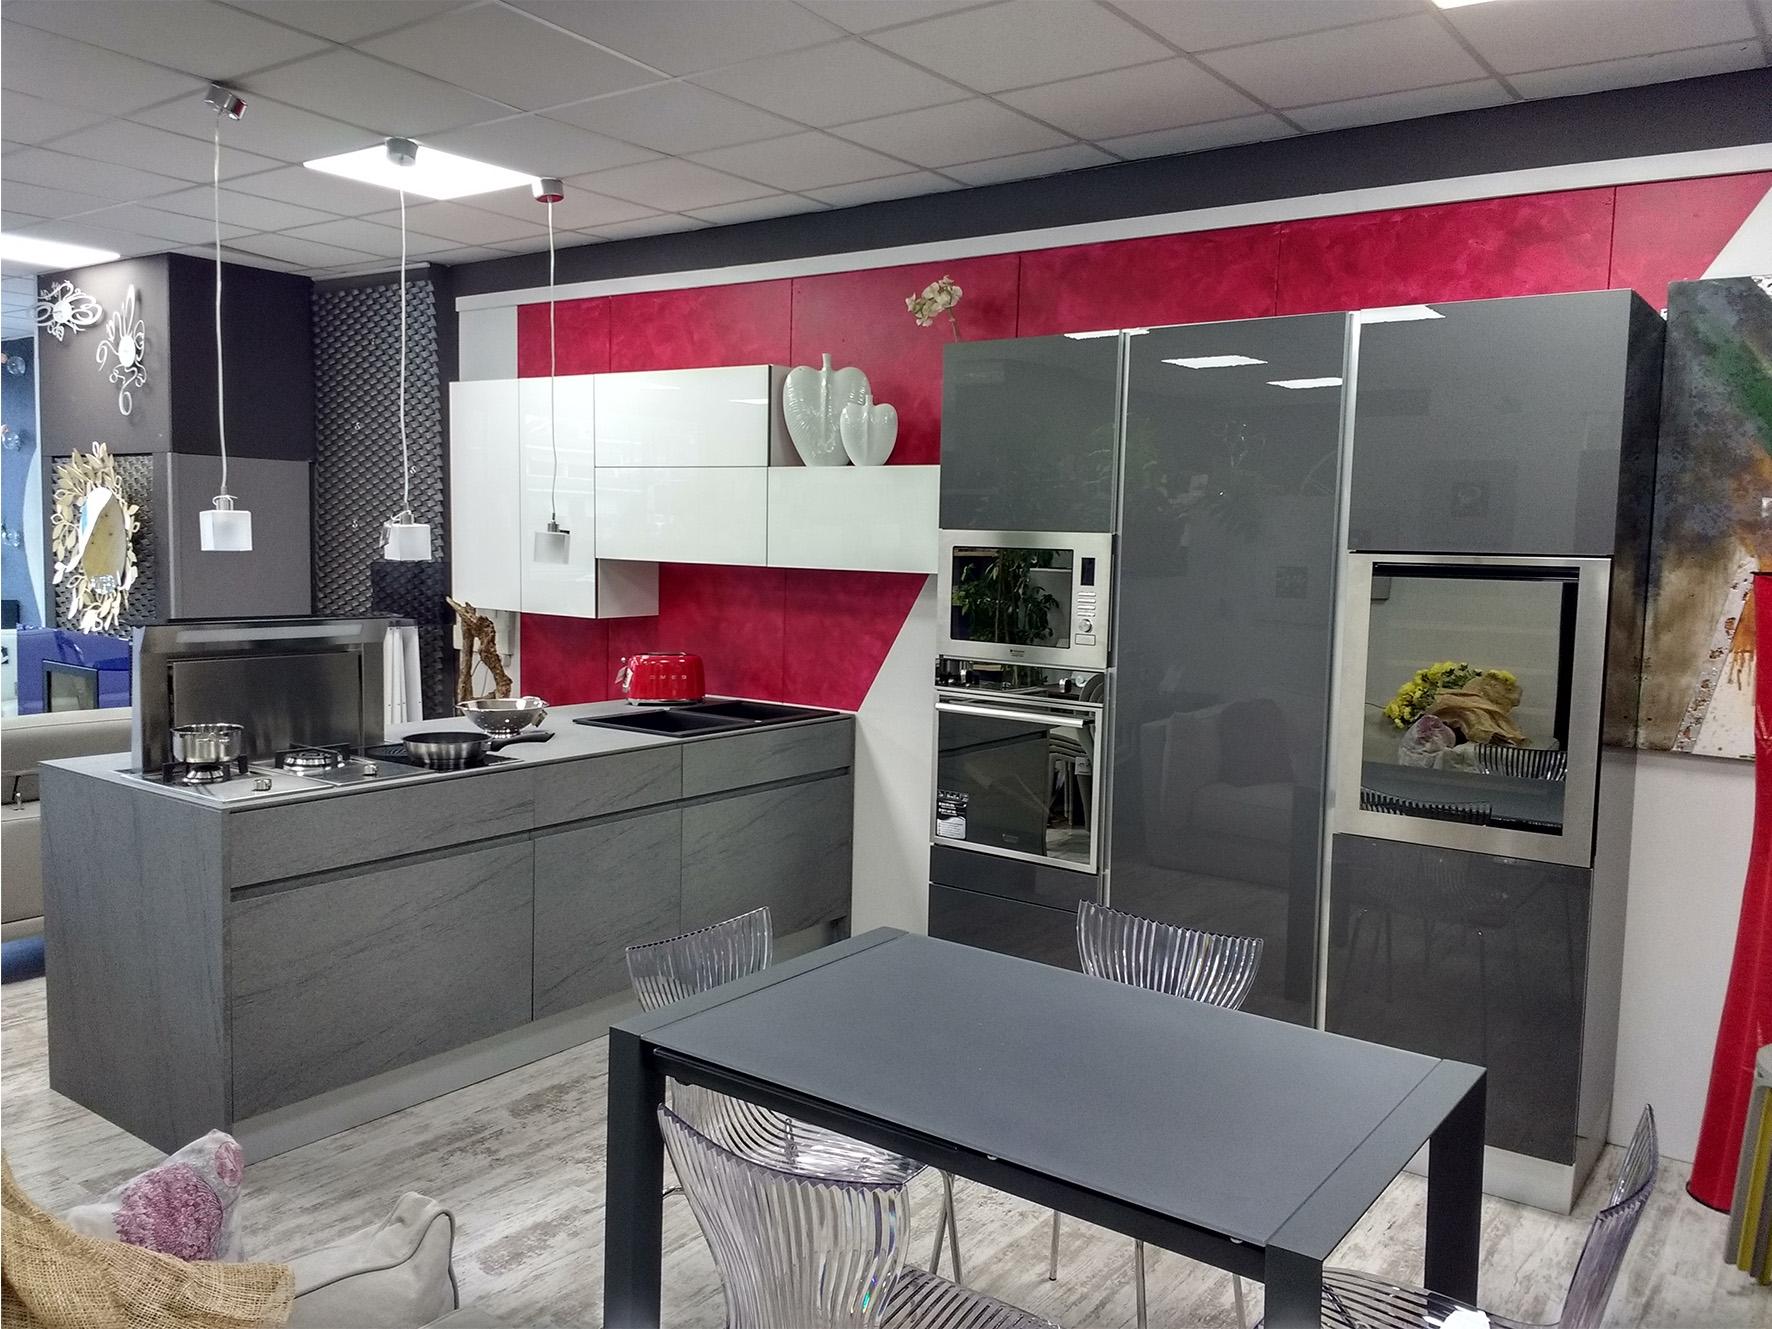 Cucine con isola gory cucine mod geo 45 monolite scontata del 40 cucine a prezzi scontati - Cucine a induzione consumi ...